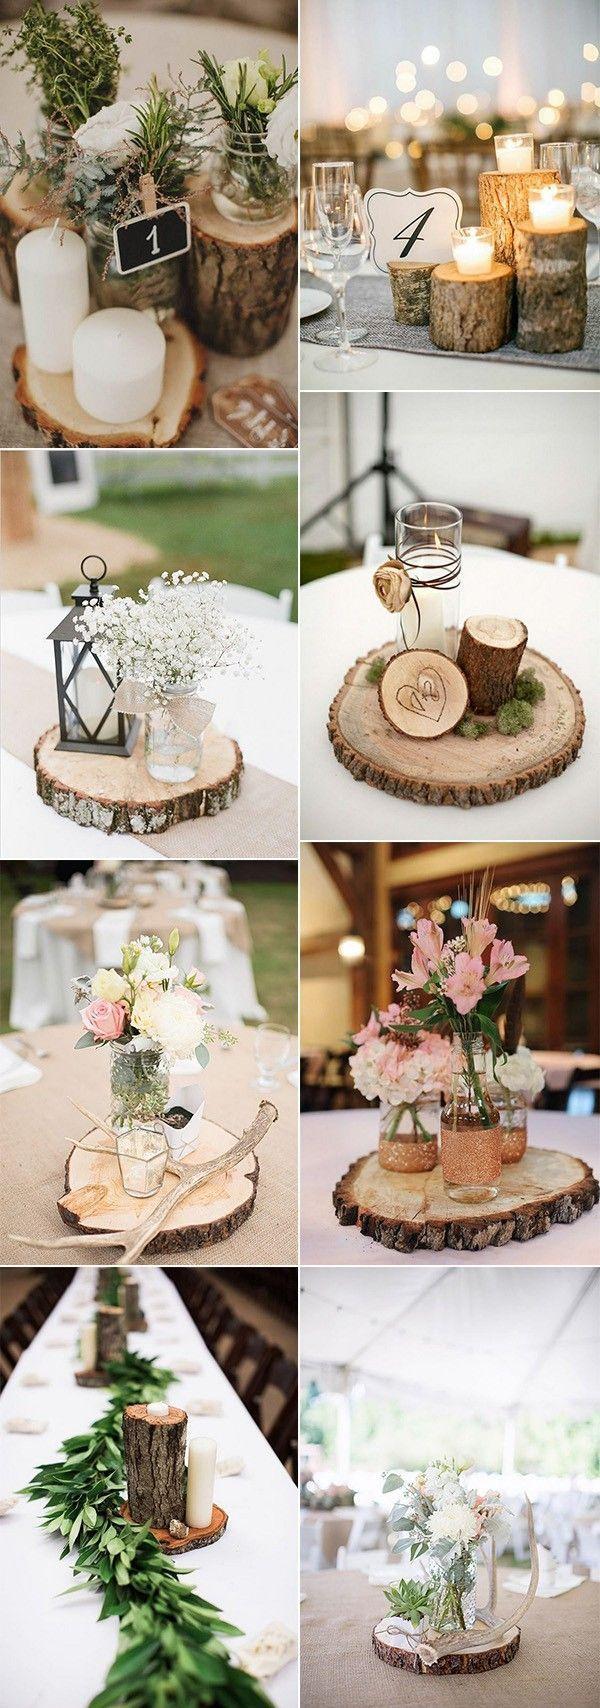 Land rustikale Hochzeit Herzstück Ideen mit Baums…